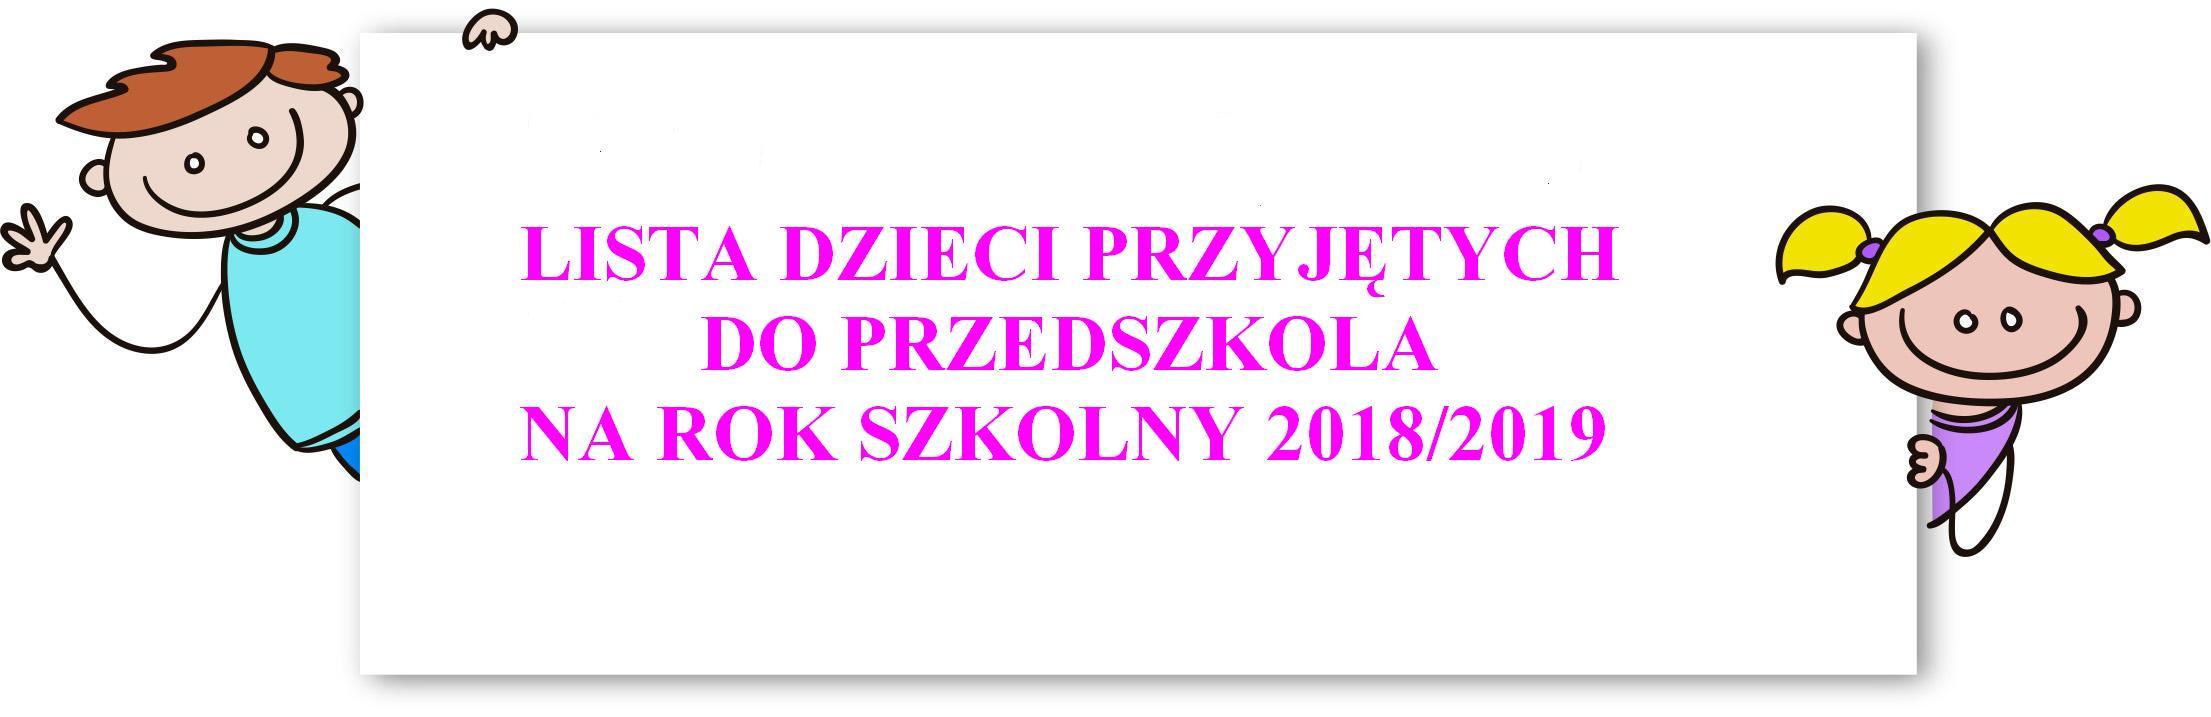 Lista dzieci przyjętych do przedszkola na rok szkolny 2018/2019